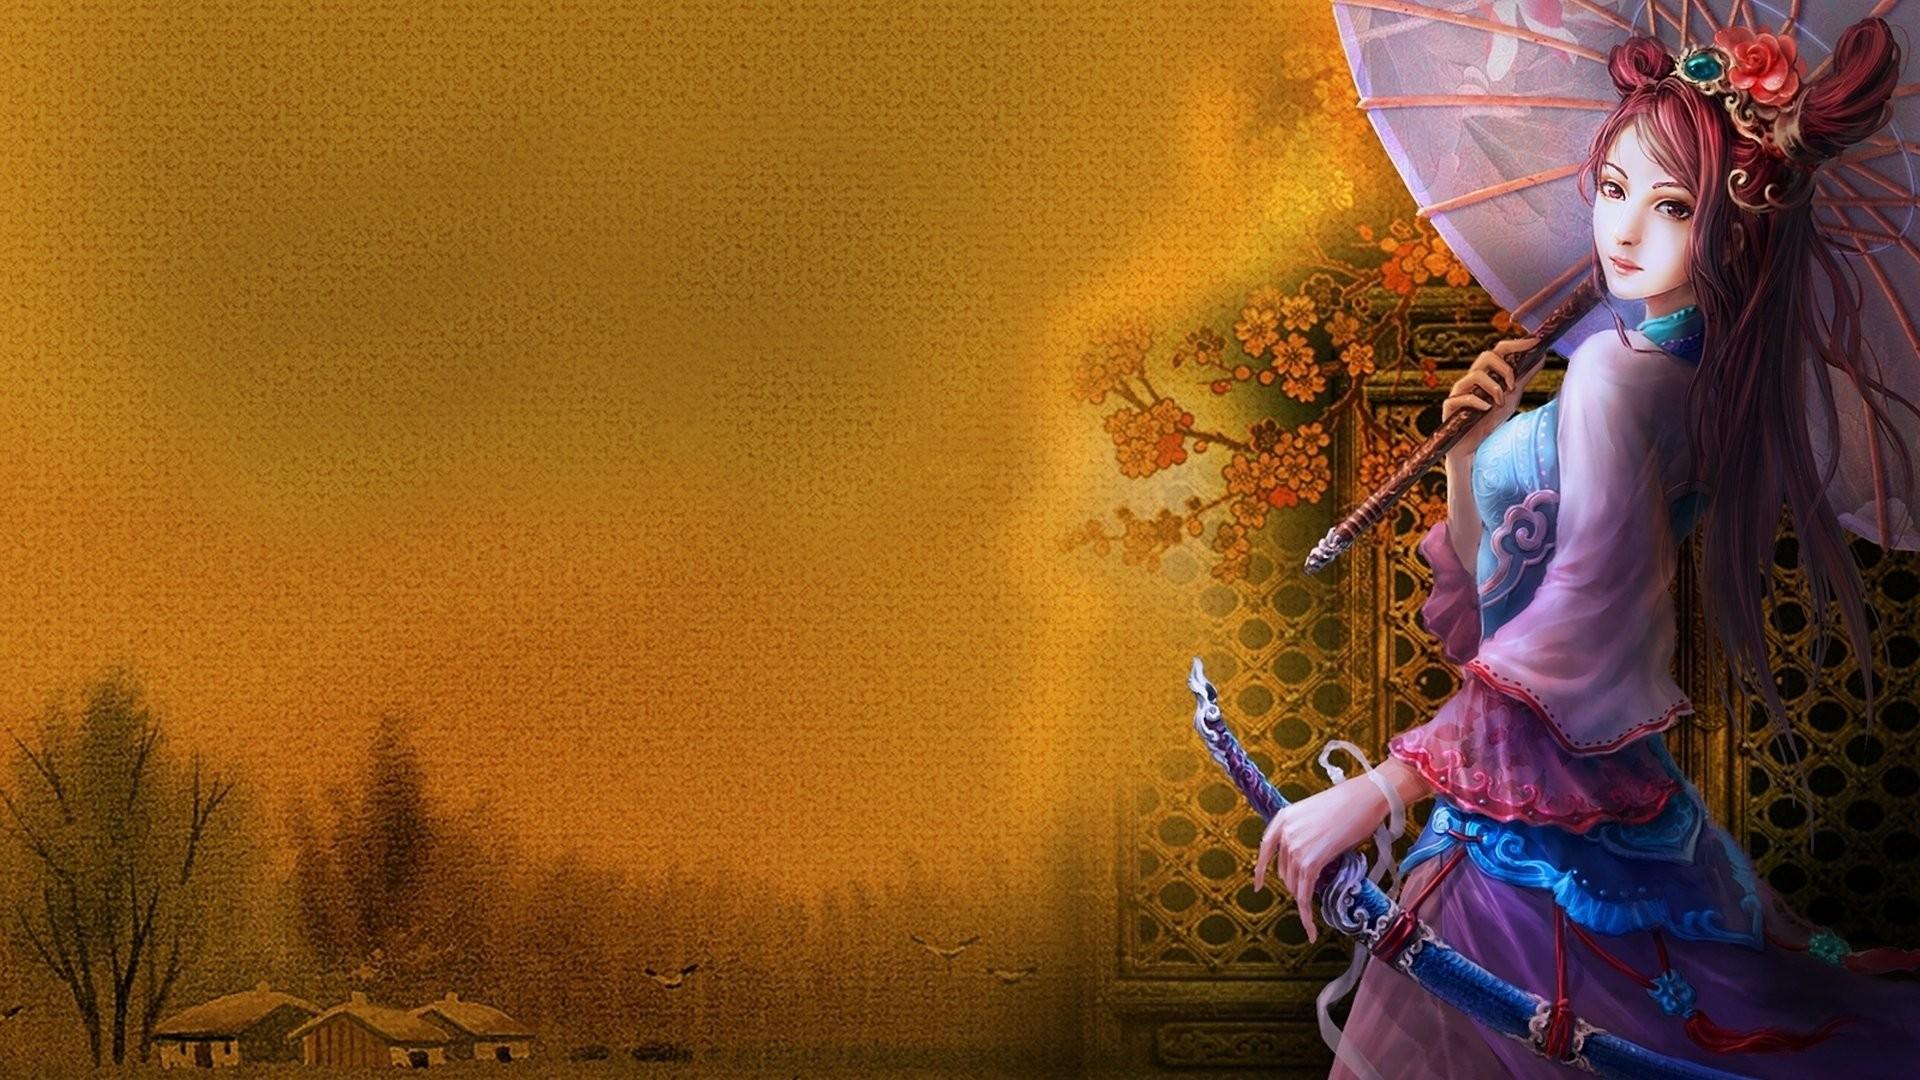 HD Wallpaper | Background ID:426743. Fantasy Women Warrior. 5  Like. Favorite